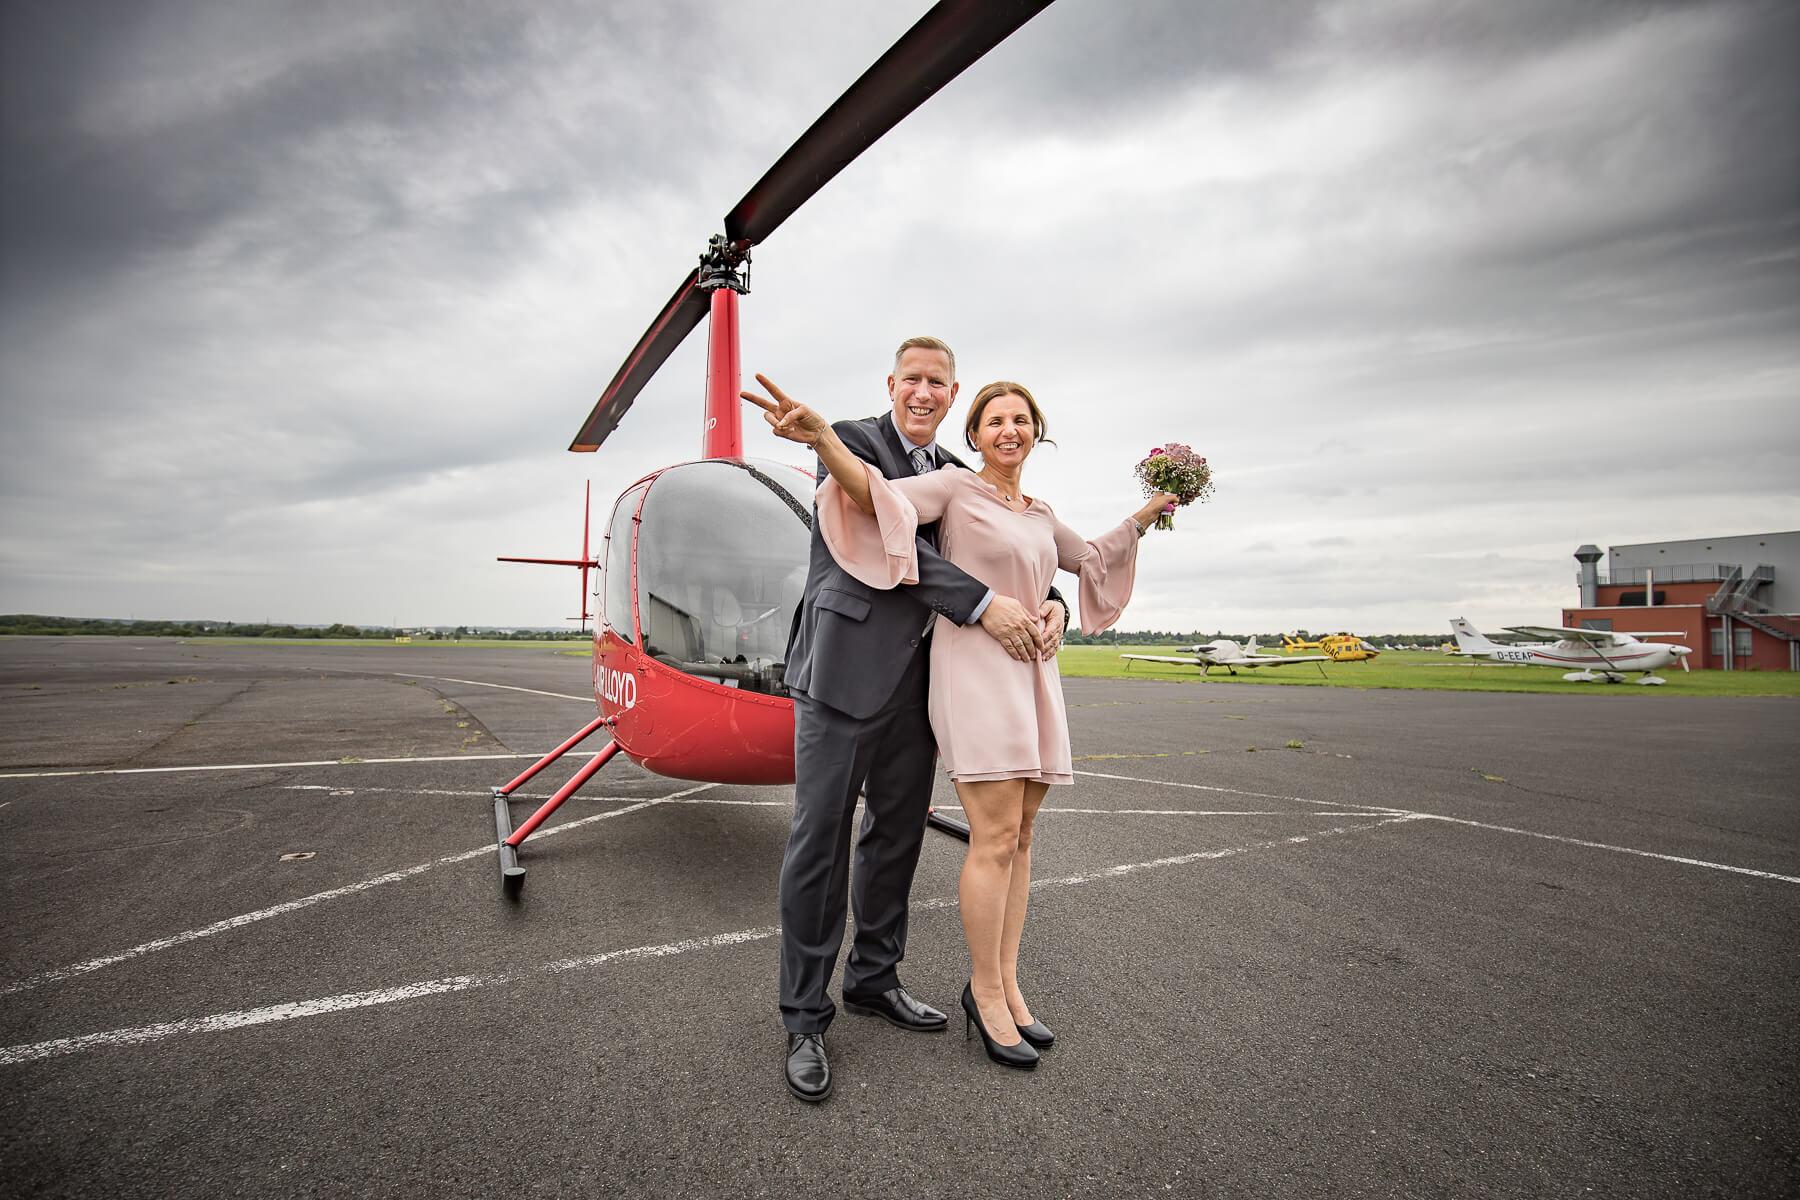 Hochzeitsreportage   Fotograf  Lufthochzeit im Hubschrauber  Hangelar 01